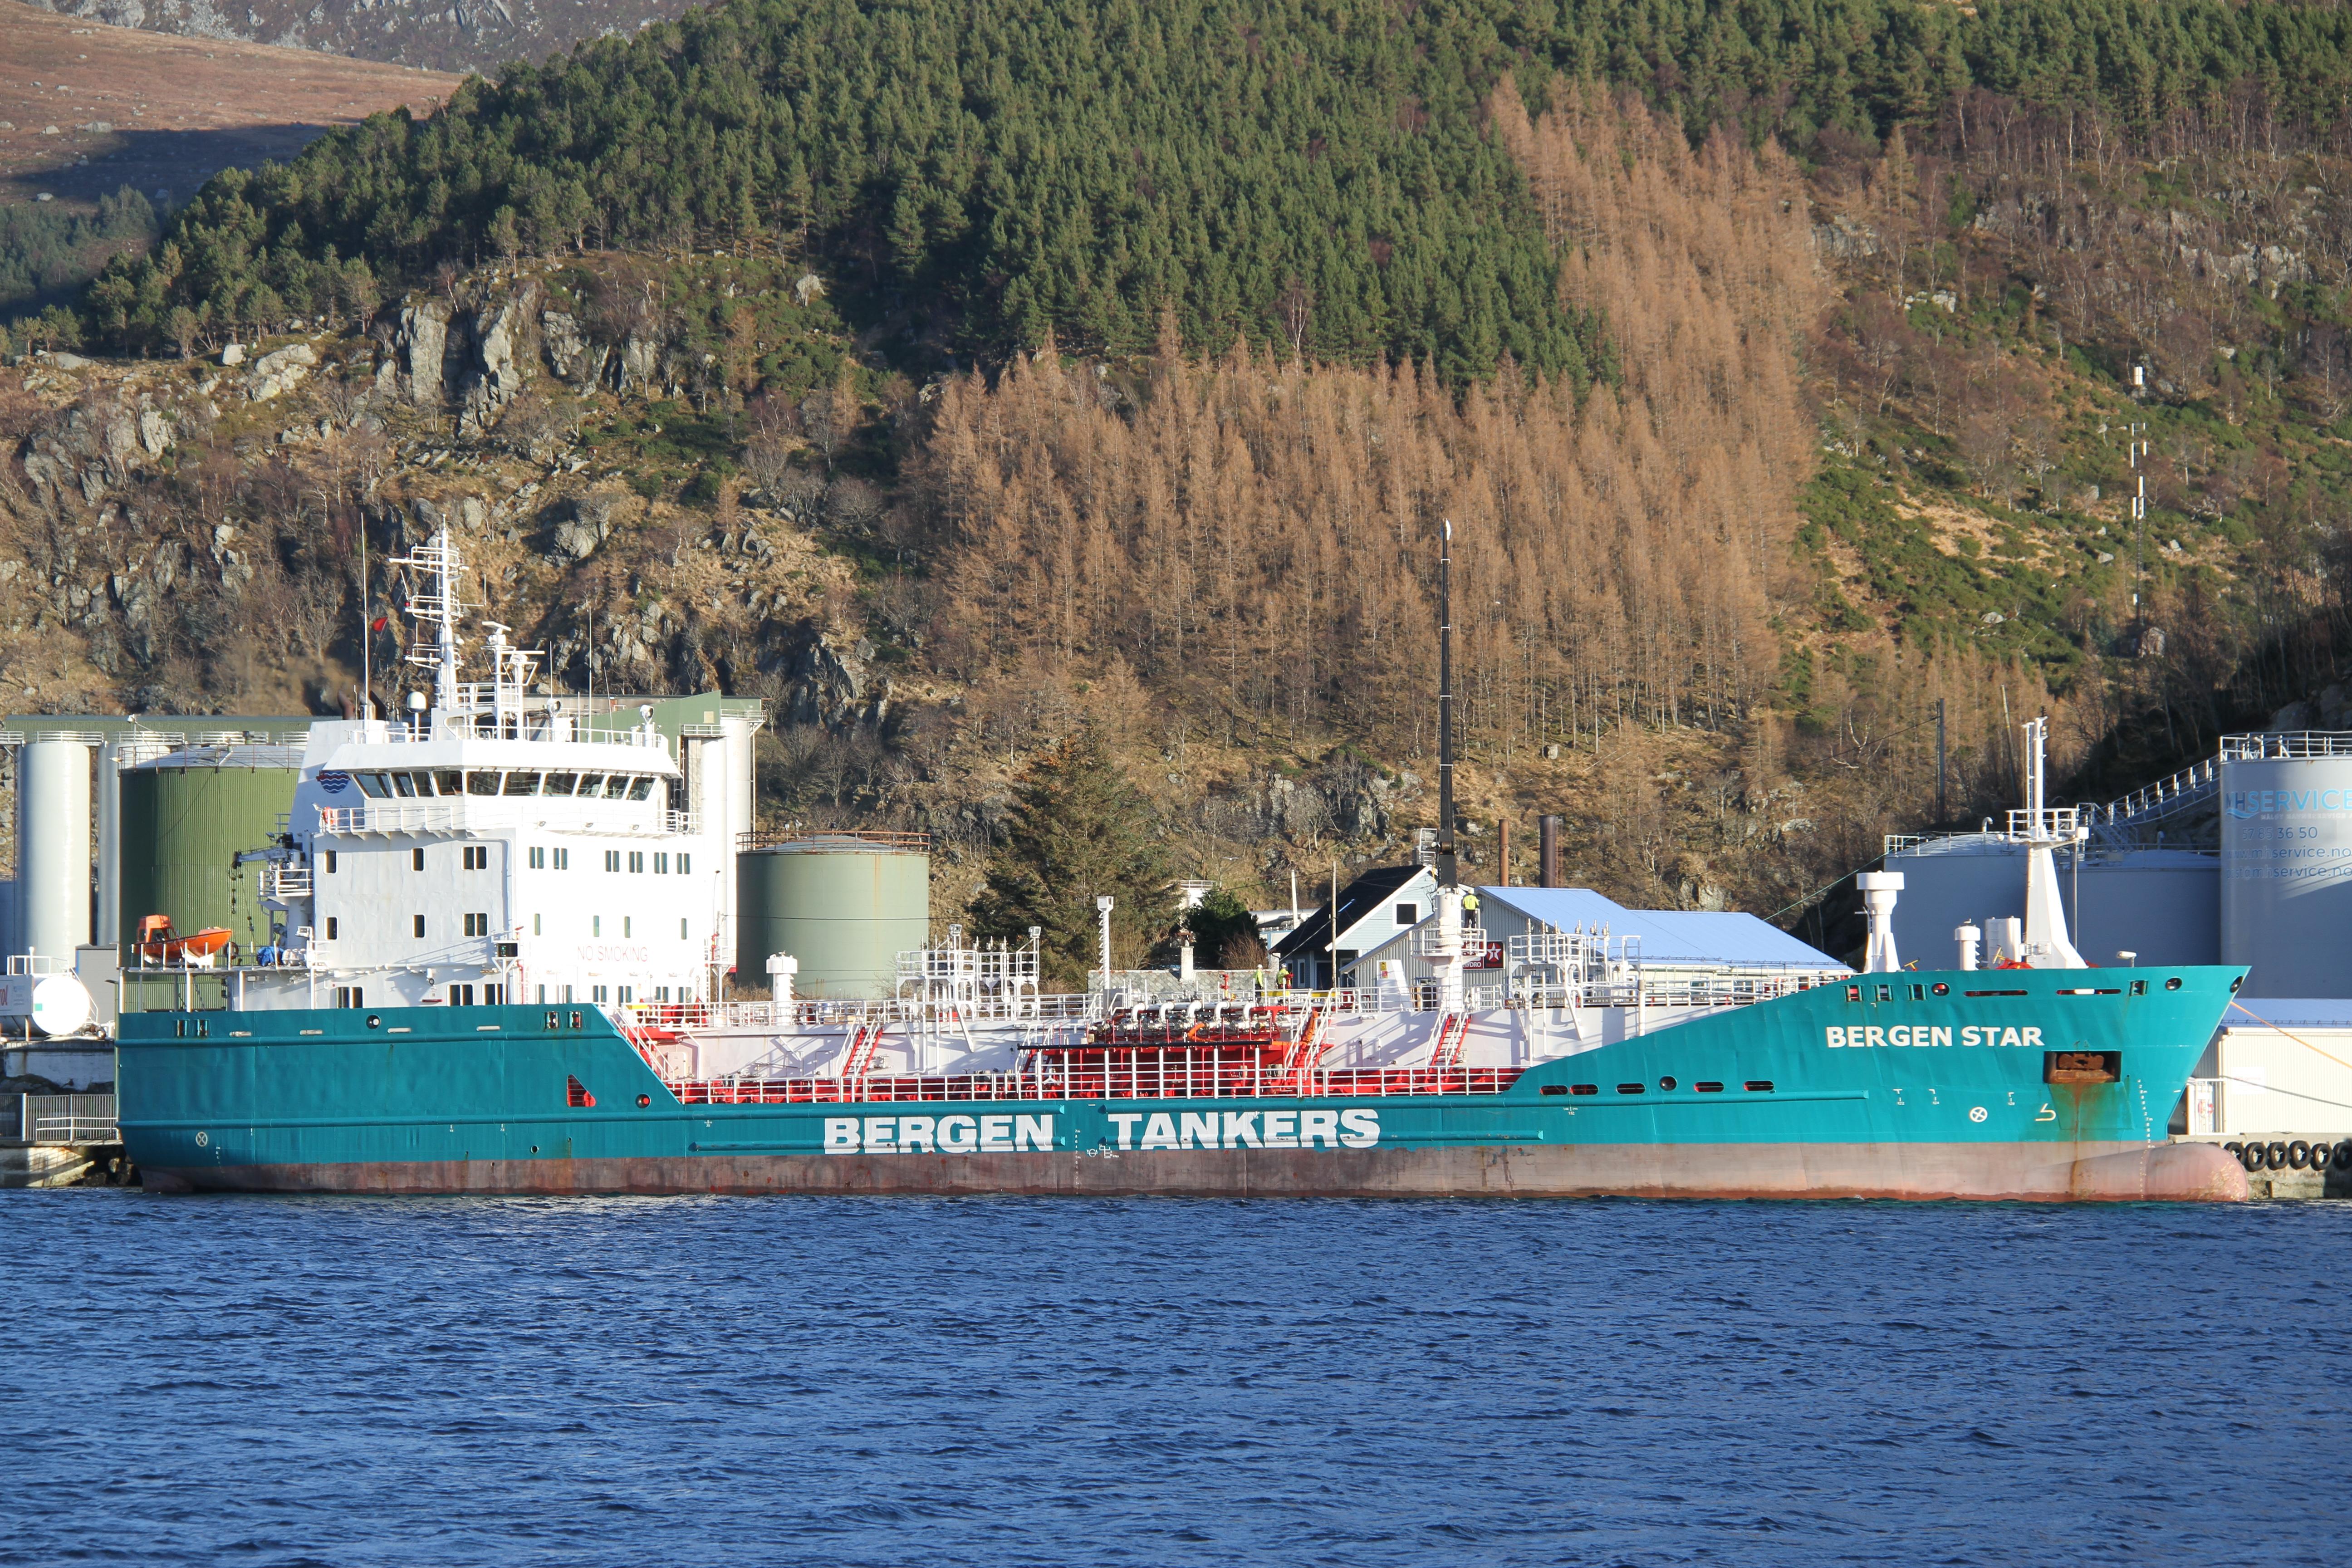 BergenStar.jpg